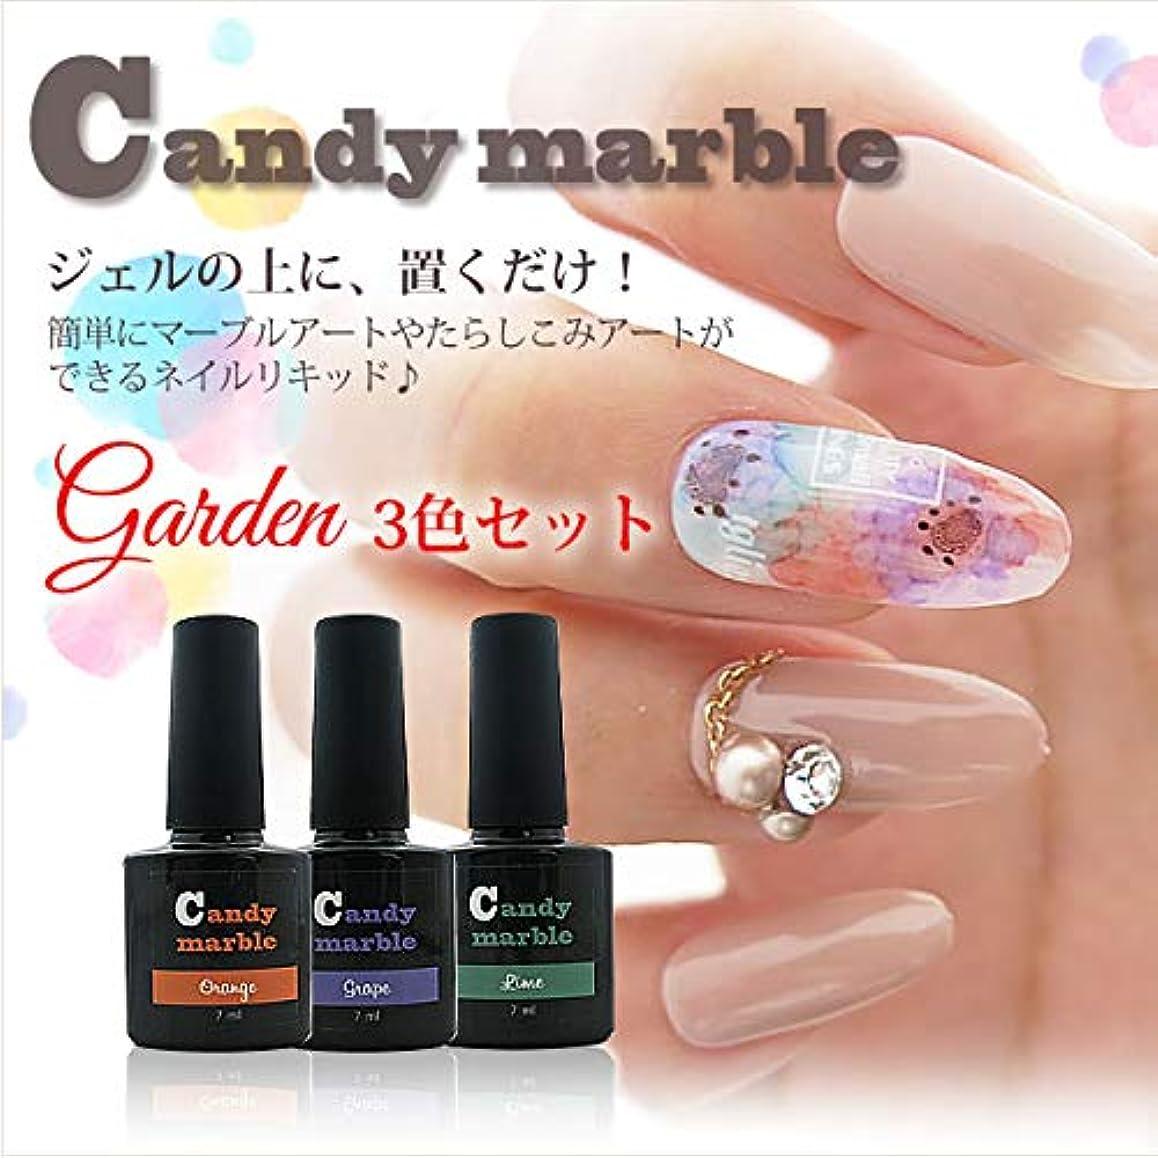 ネイルリキッド キャンディ マーブル ガーデンセット オレンジ、紫、緑